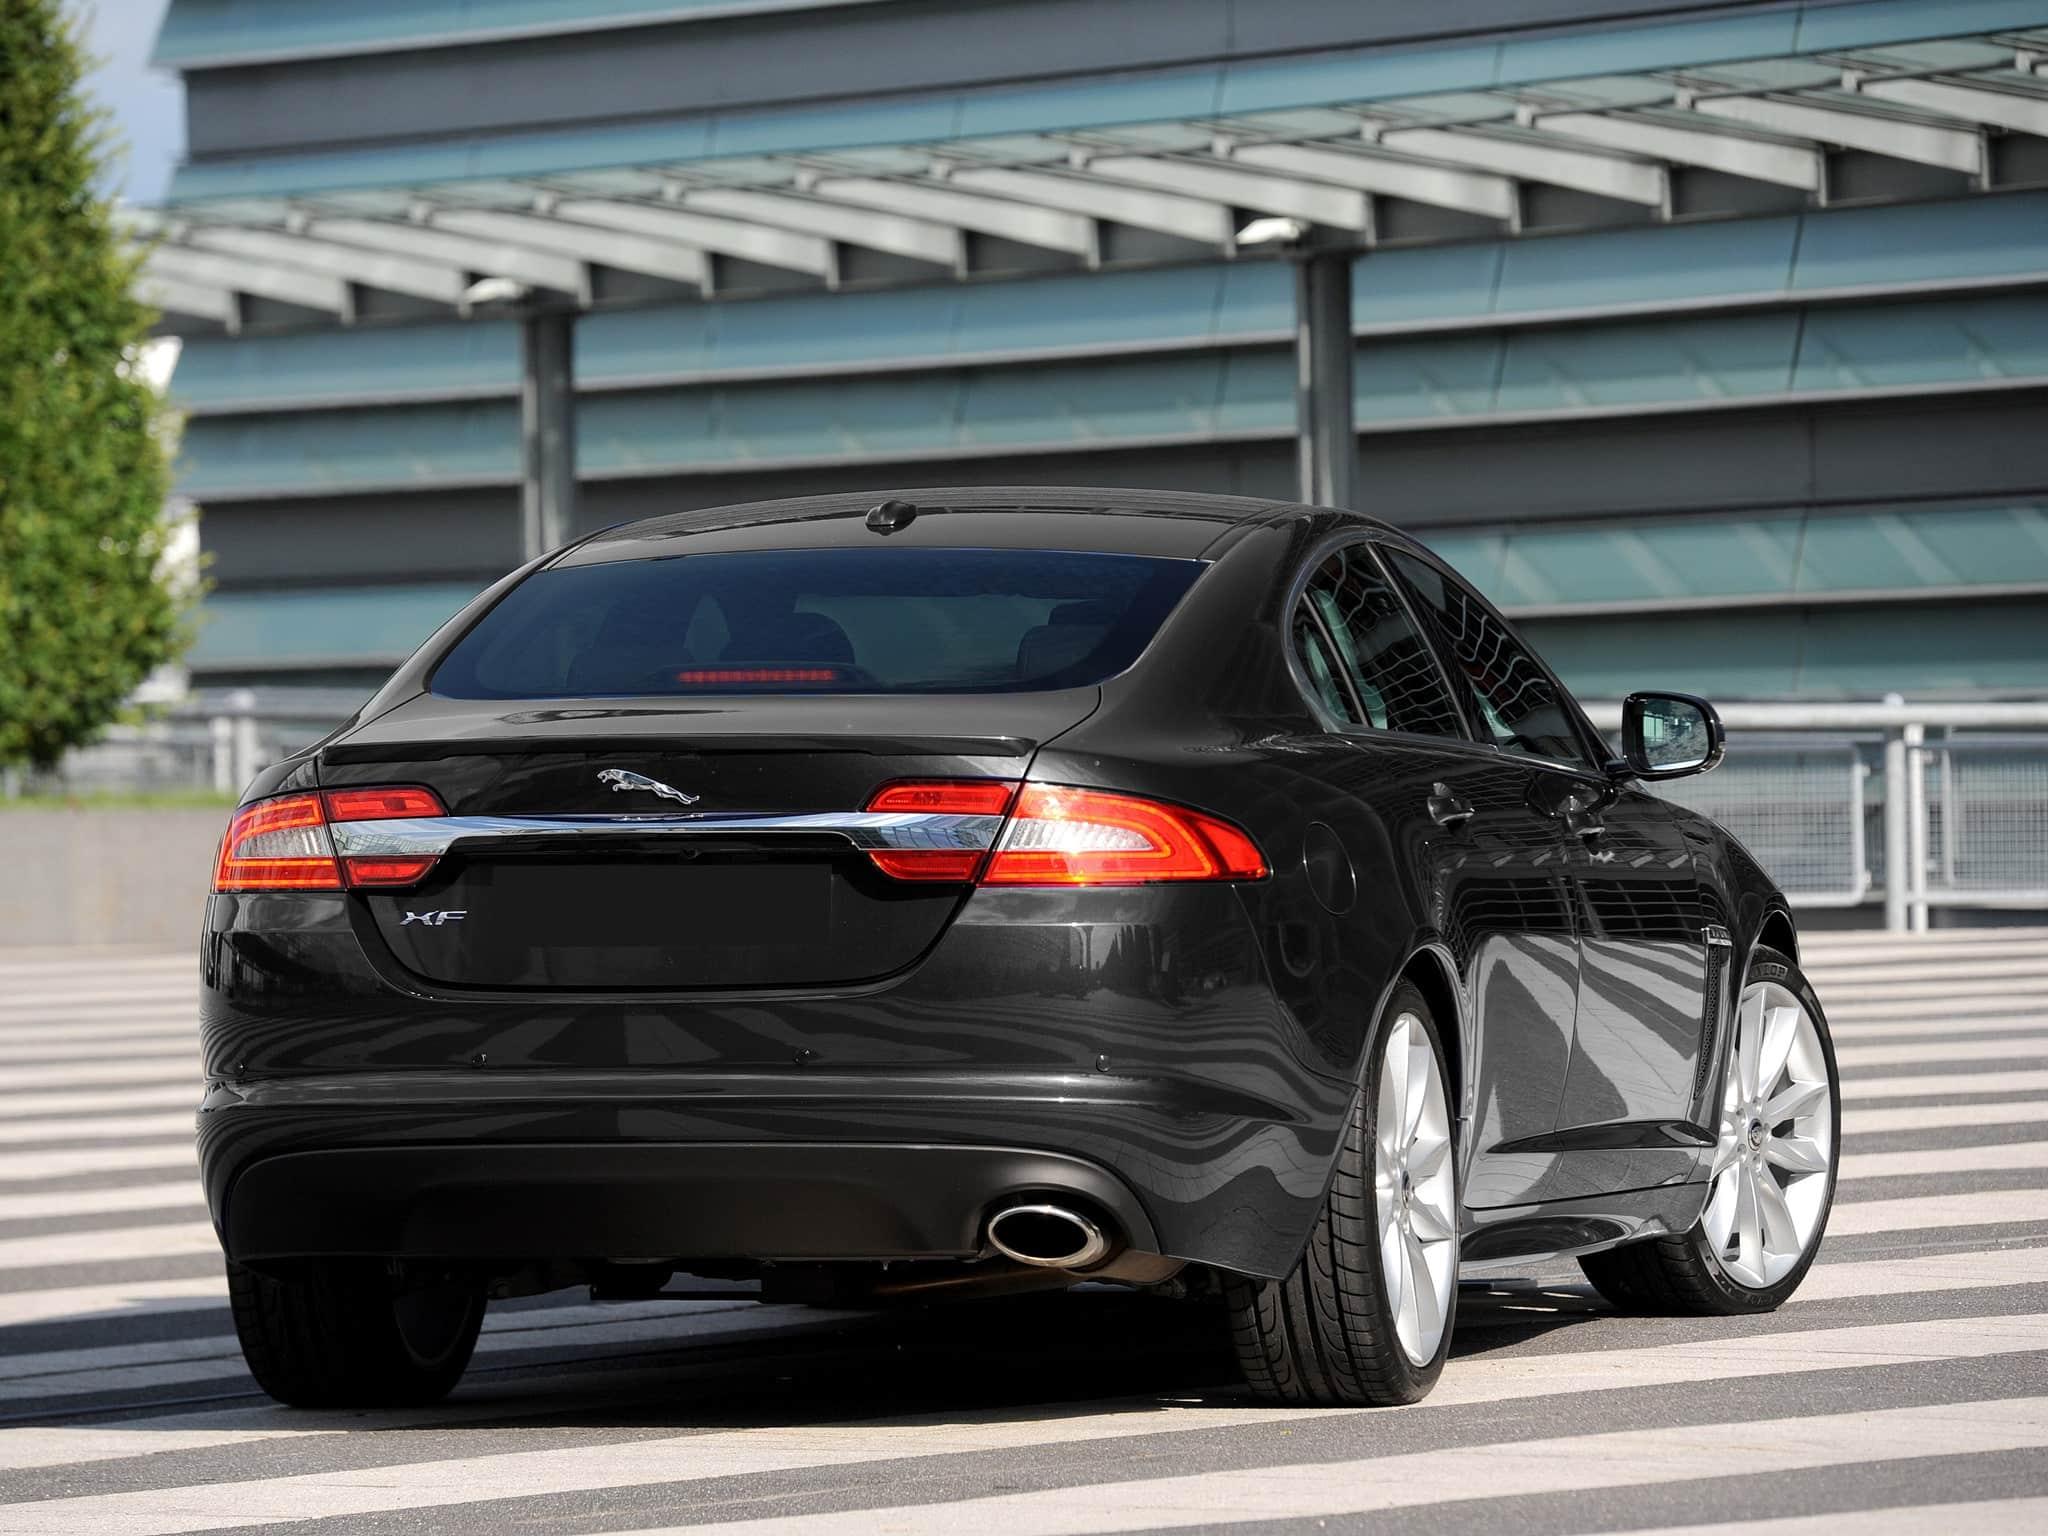 Sedan Jaguar Luxo sp